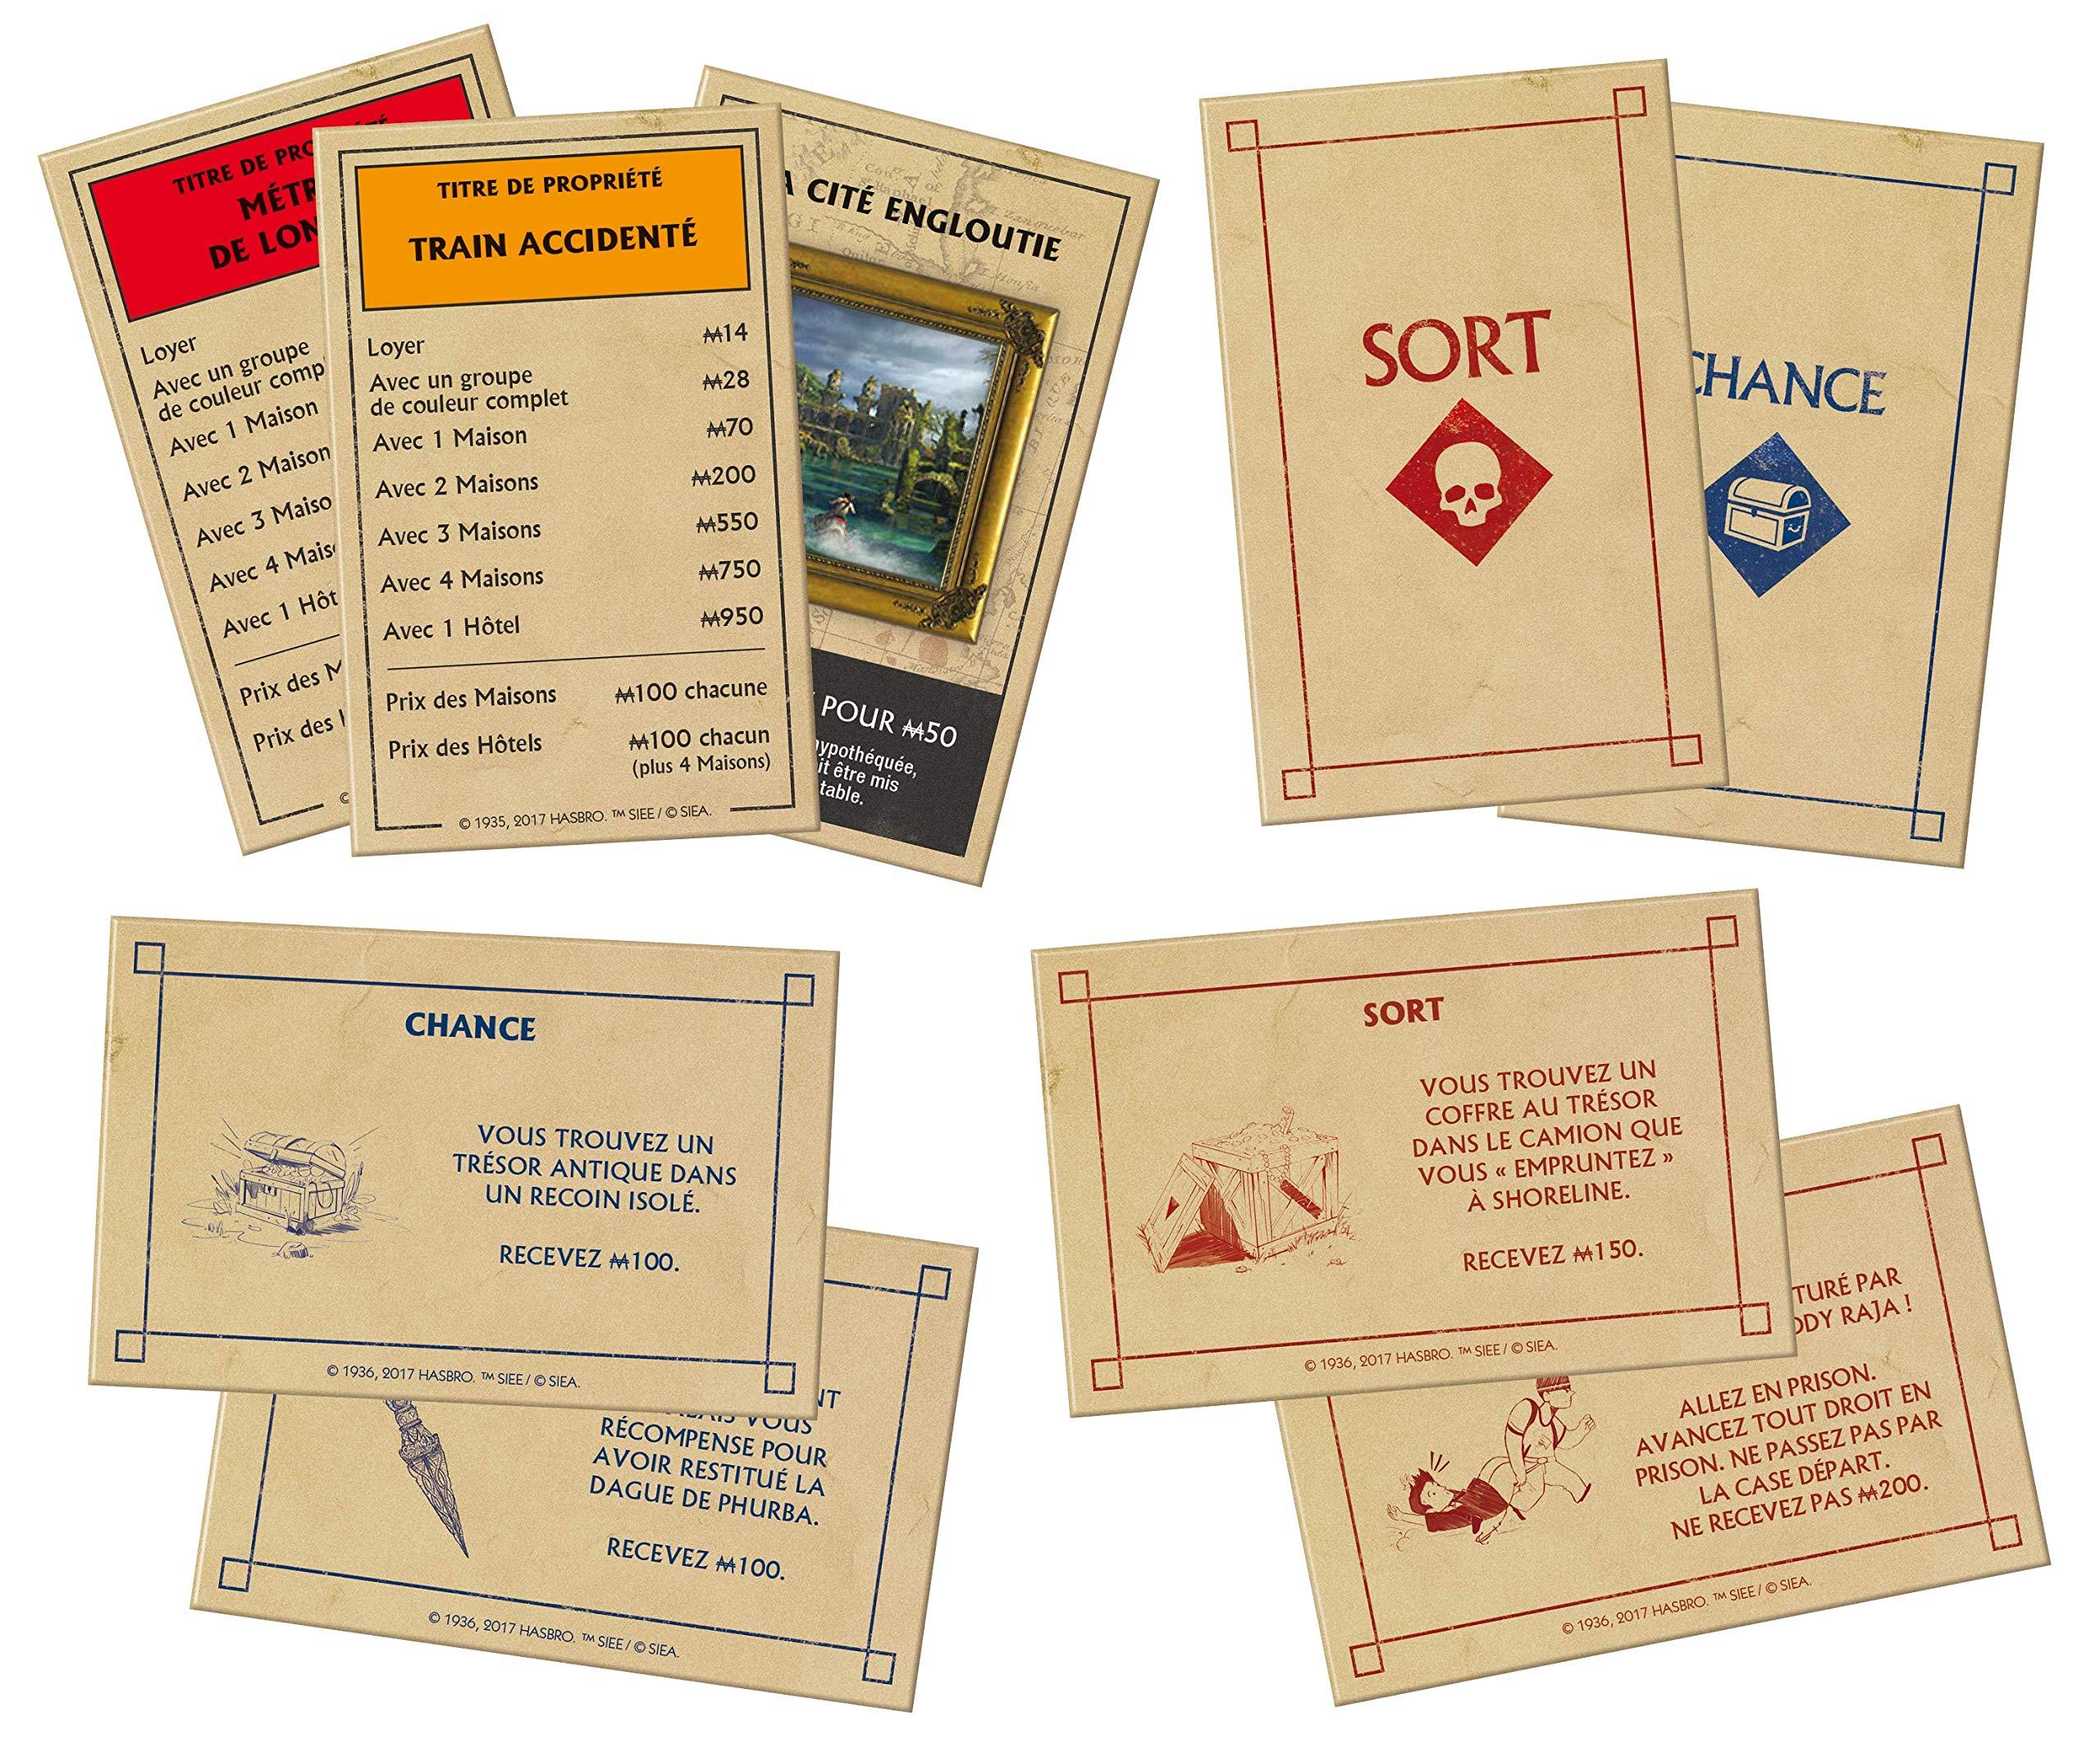 Winning Moves 0998 Juego de Azar Niños y Adultos - Juego de Tablero (Juego de Azar, Niños y Adultos, Niño/niña, 16 año(s)): Amazon.es: Juguetes y juegos